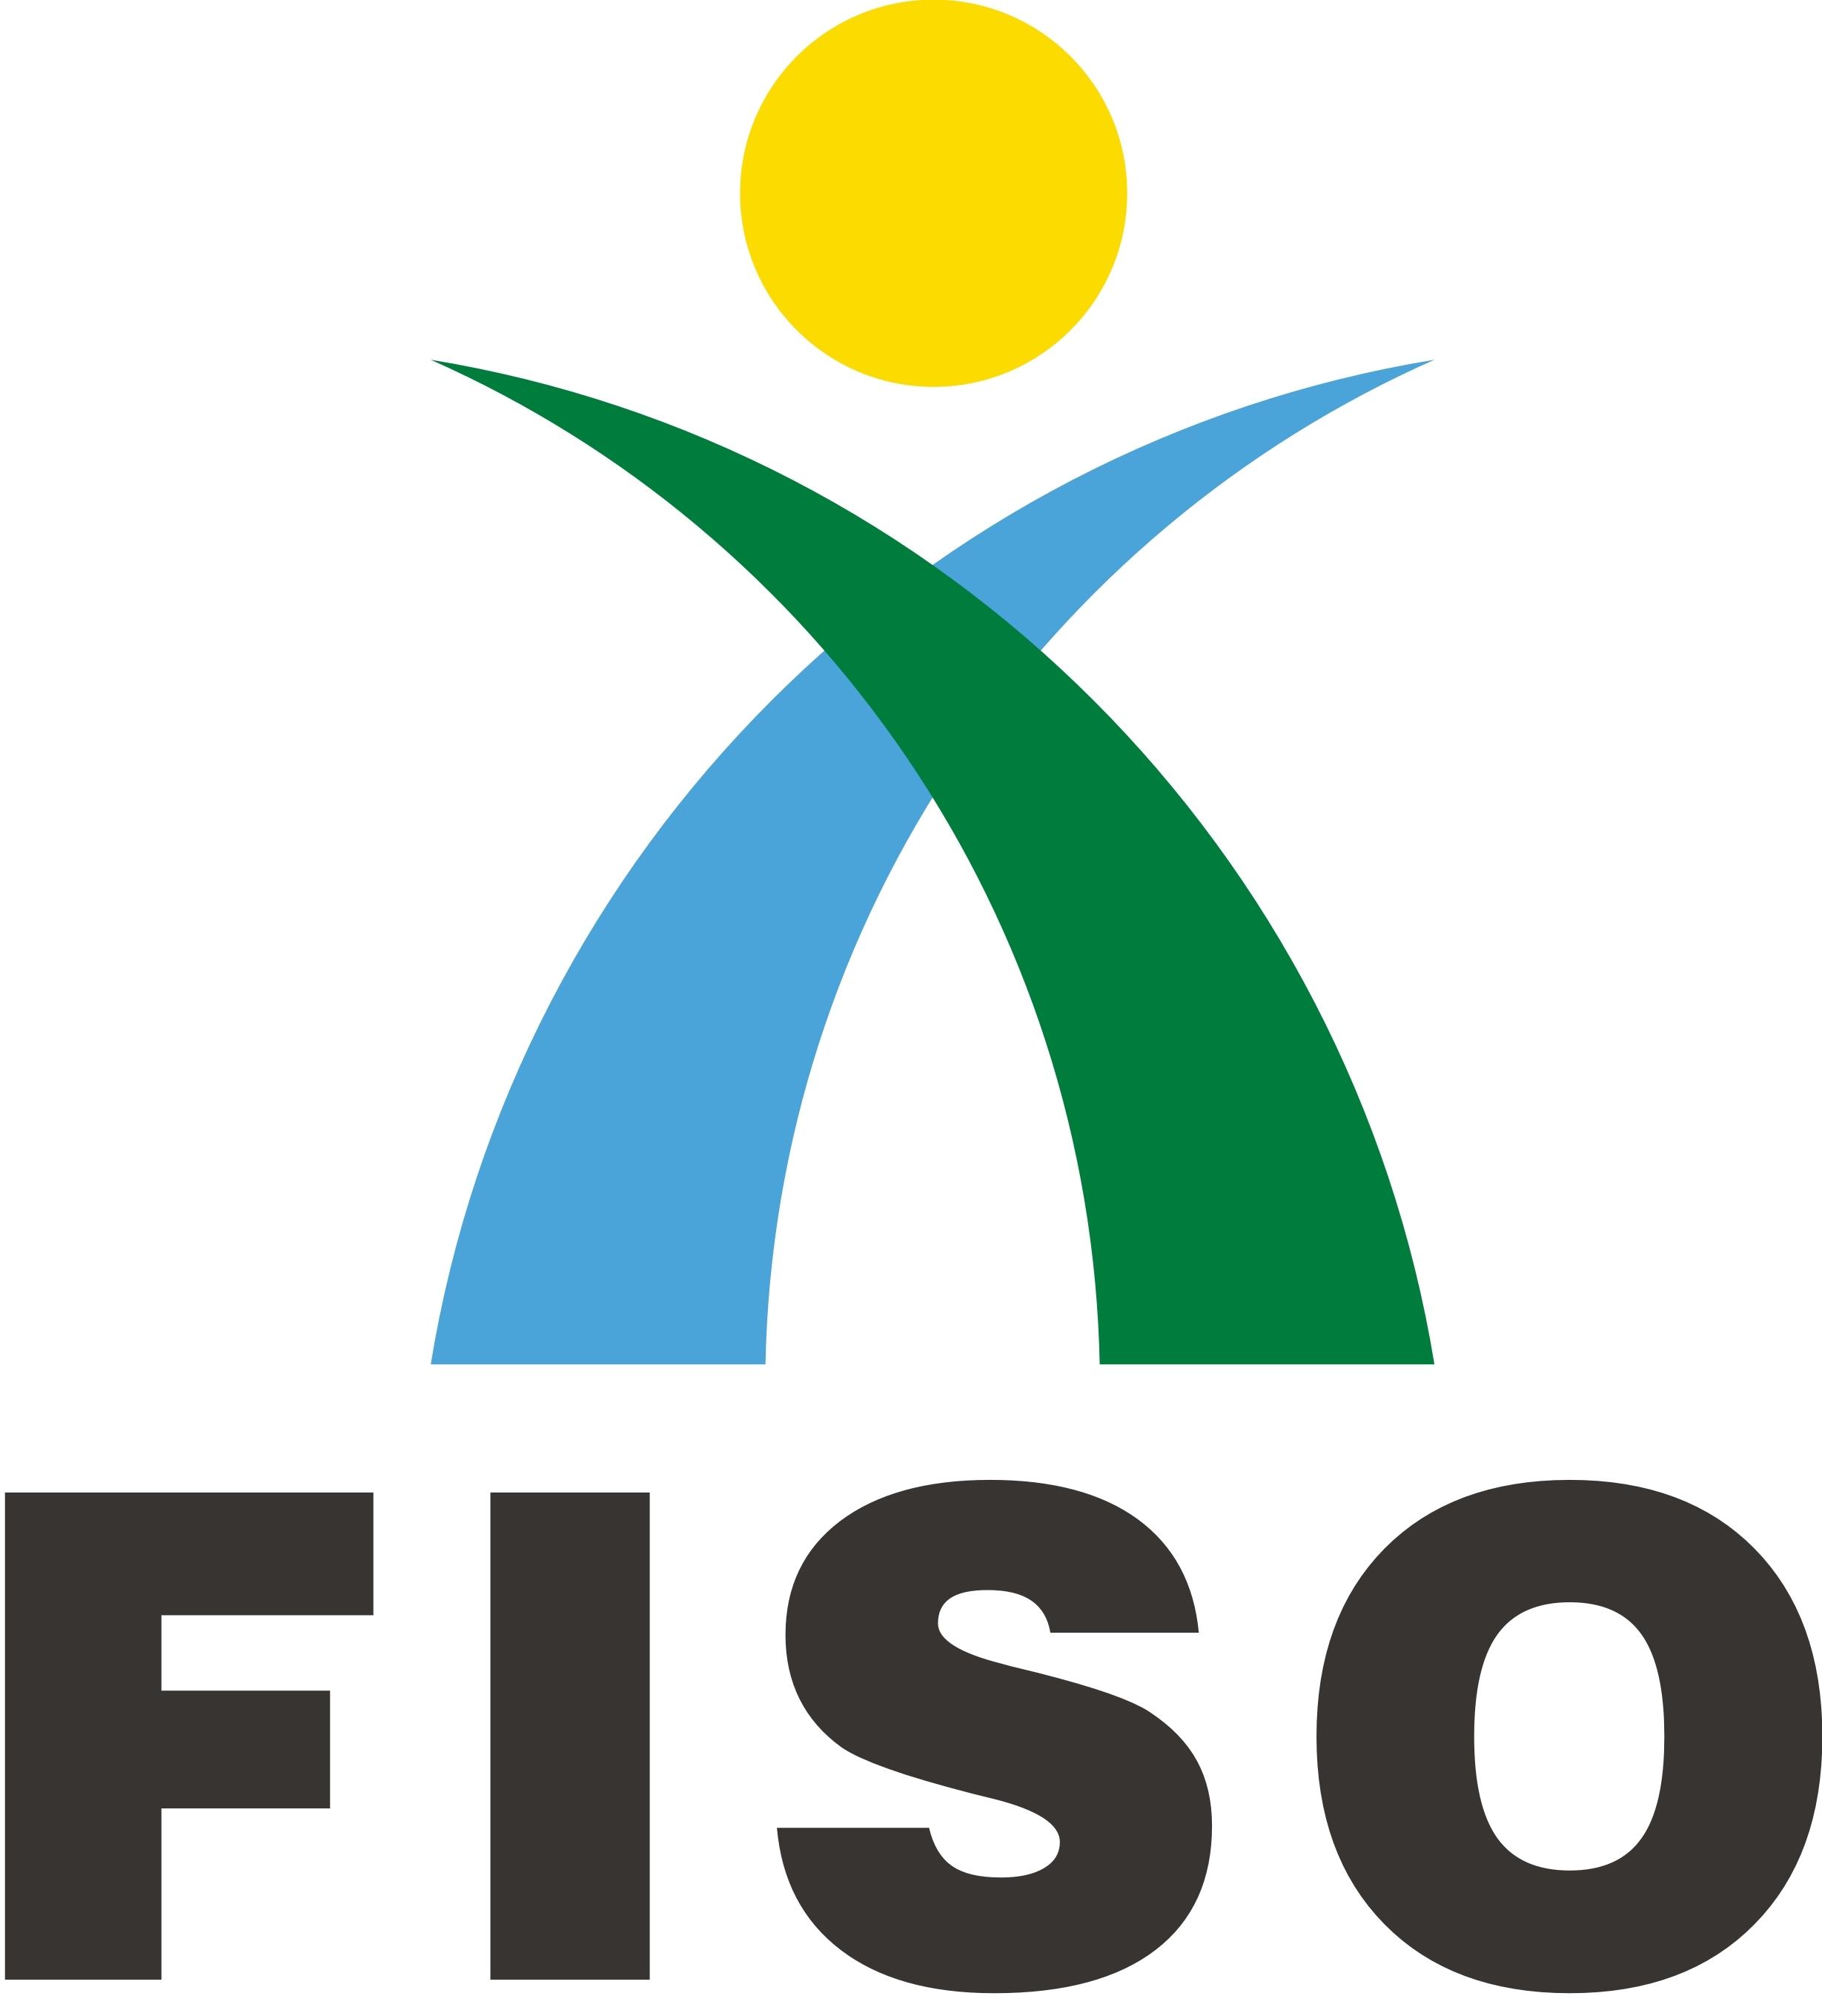 logo for Fundación Iberoamericana de Seguridad y Salud Ocupacional